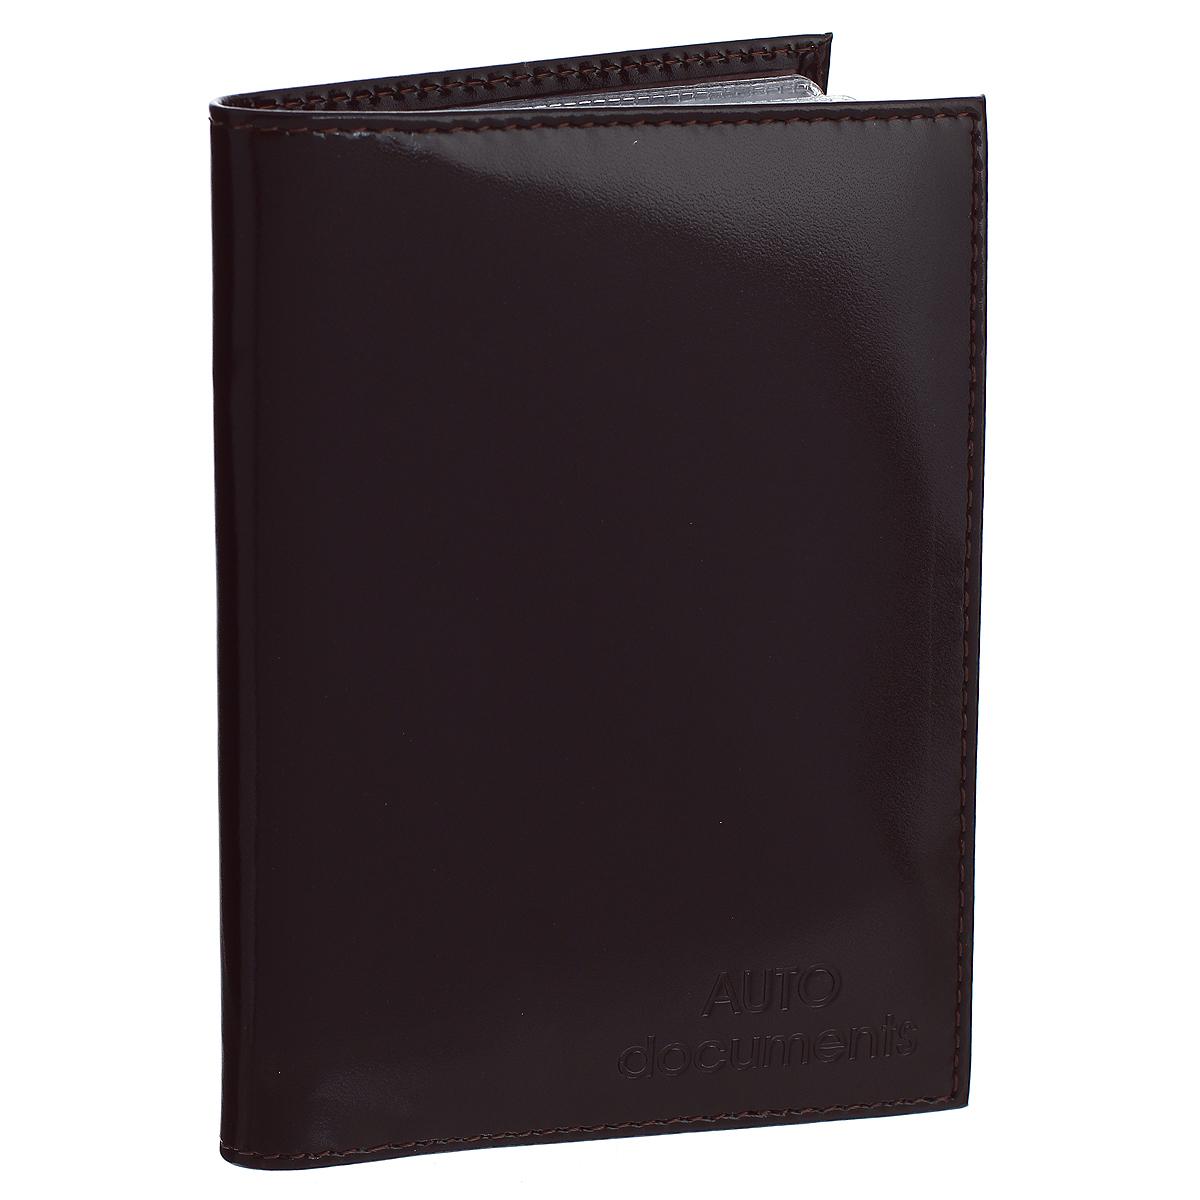 Бумажник водителя Befler Classic, цвет: темно-коричневый. BV.20.-1WTID03Бумажник водителя Befler Classic выполнен из натуральной гладкой кожи. На внутреннем развороте имеет один глубокий вертикальный карман из кожи и 4 прорезных кармашка для кредитных карт и визиток, прозрачный кармашек и внутренний блок для водительских документов из прозрачного пластика (6 карманов).Такой бумажник станет отличным подарком для человека, ценящего качественные и необычные вещи.